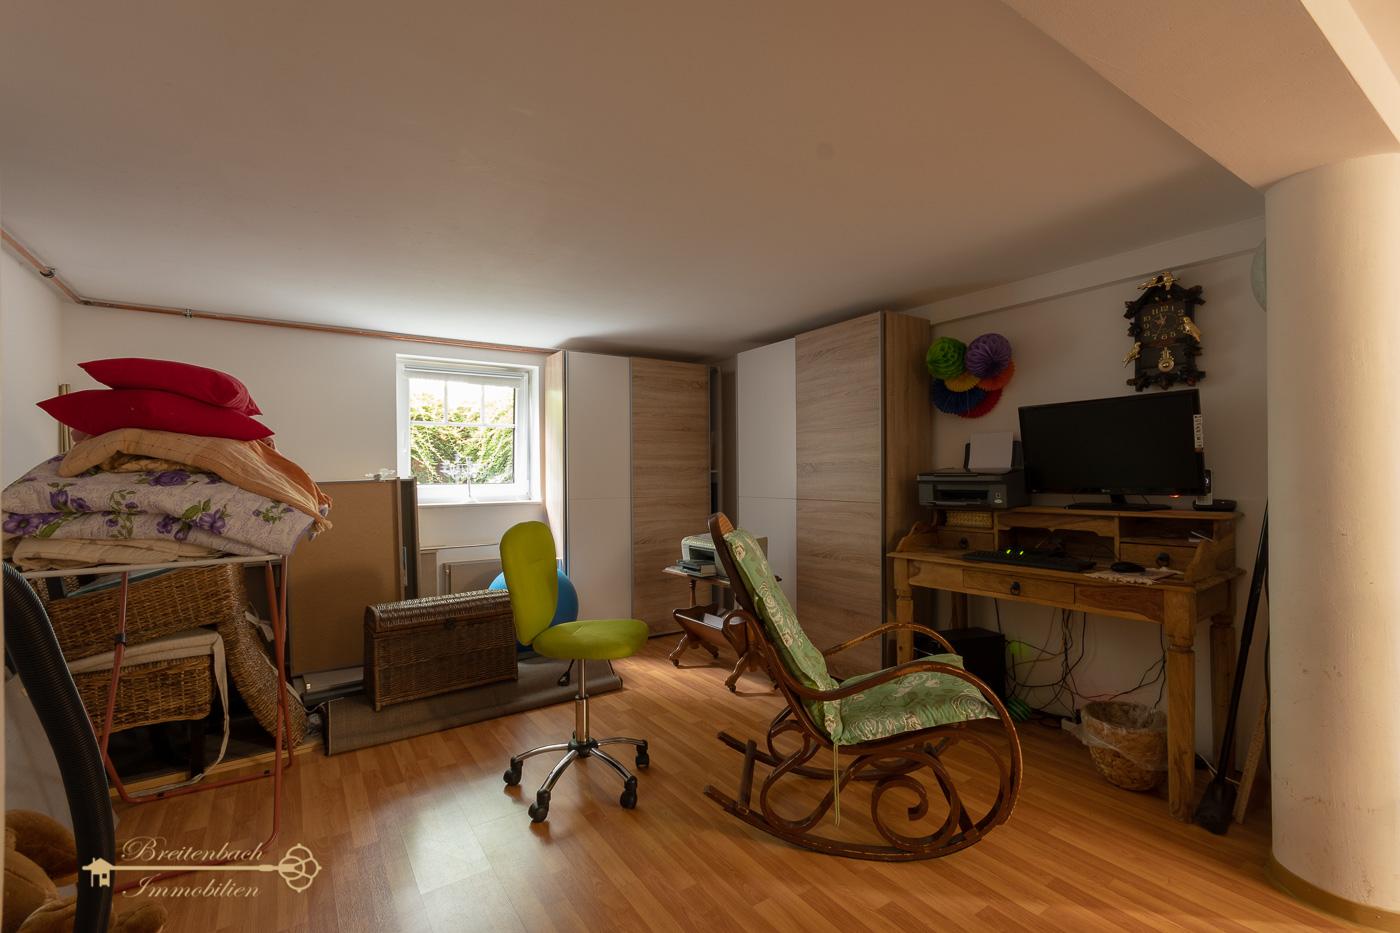 2019-07-14-Breitenbach-Immobilien-Archiv-5